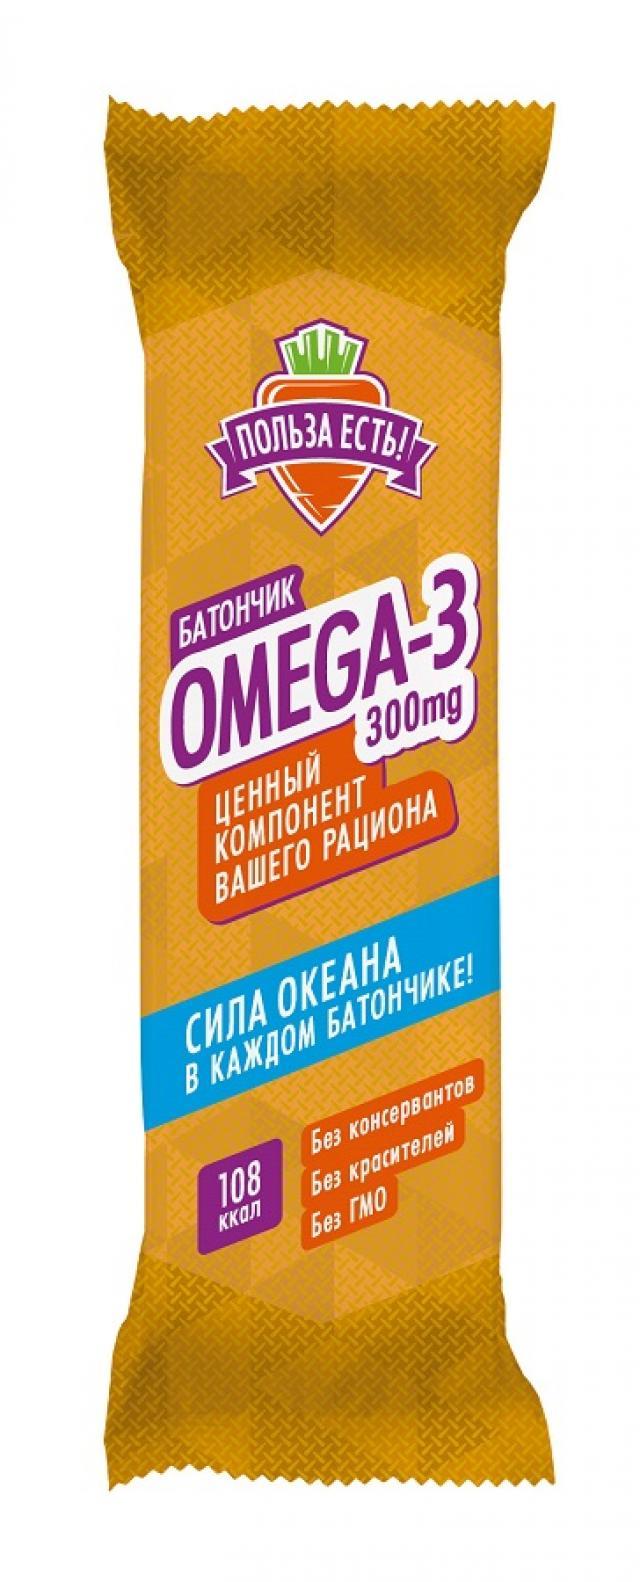 ПользаЕсть батончик с Омега-3 банан 25г купить в Москве по цене от 44.3 рублей